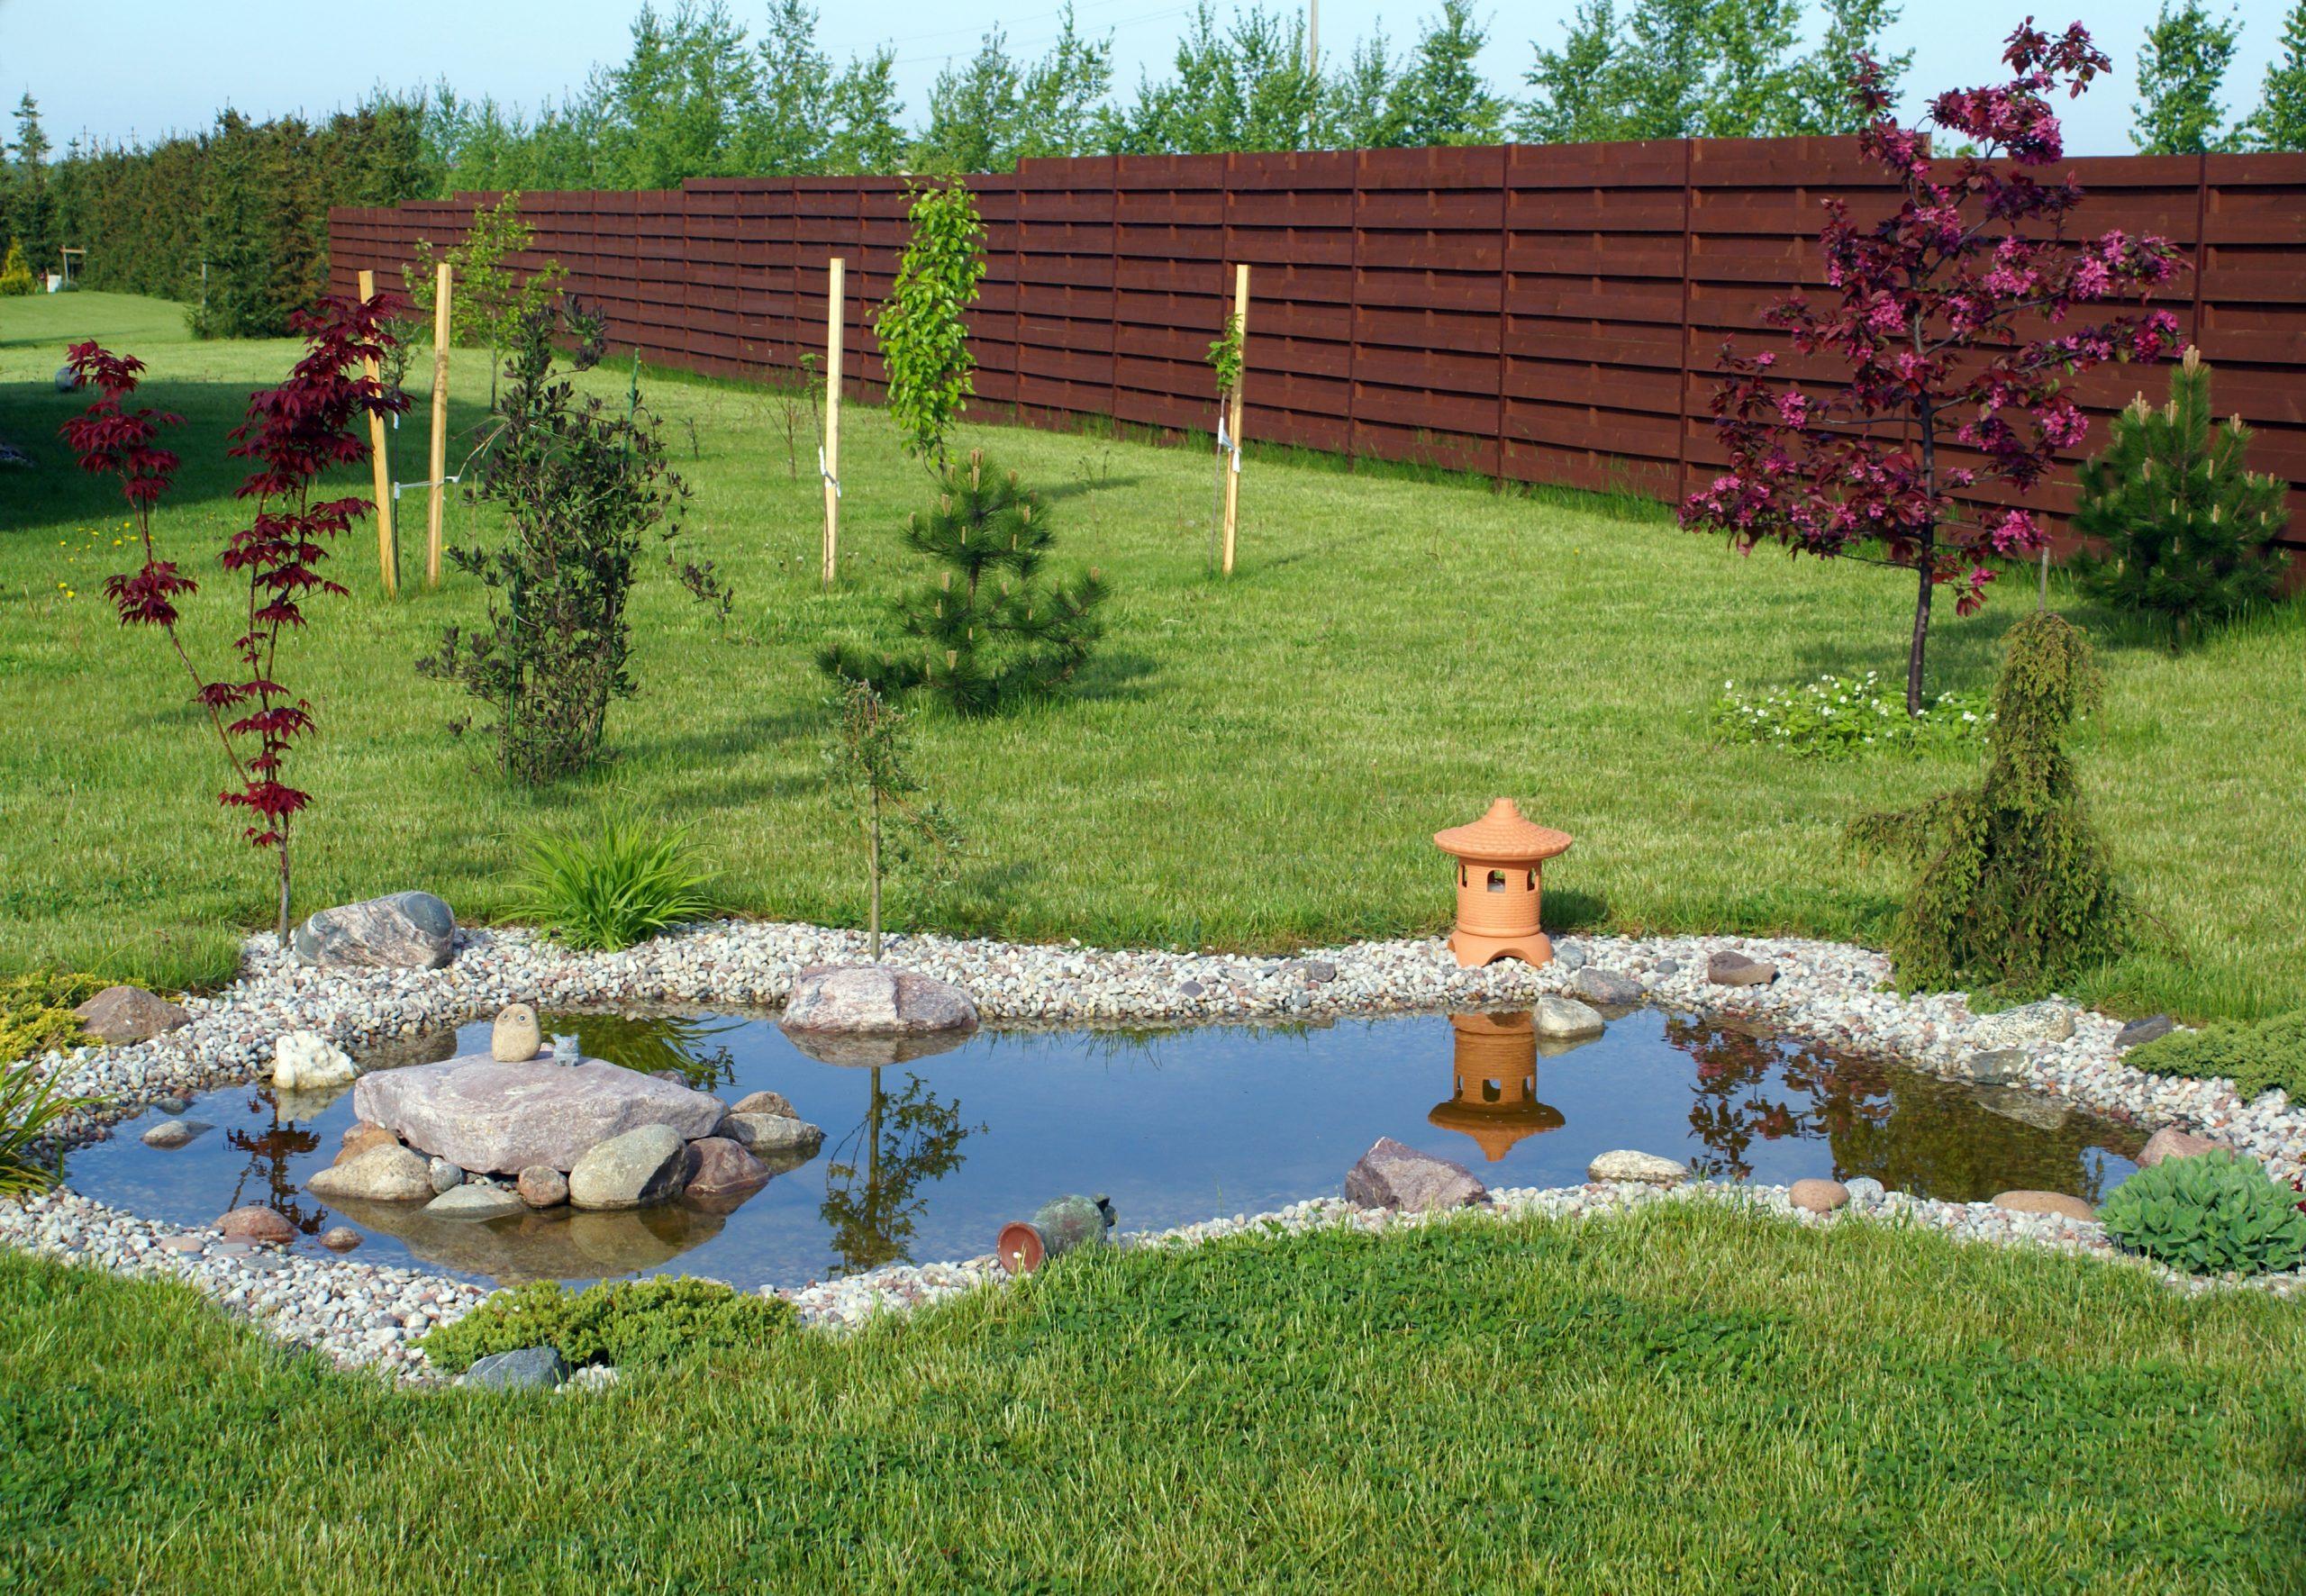 Le Prix D'un Bassin De Jardin tout Bassin De Jardin Pas Cher